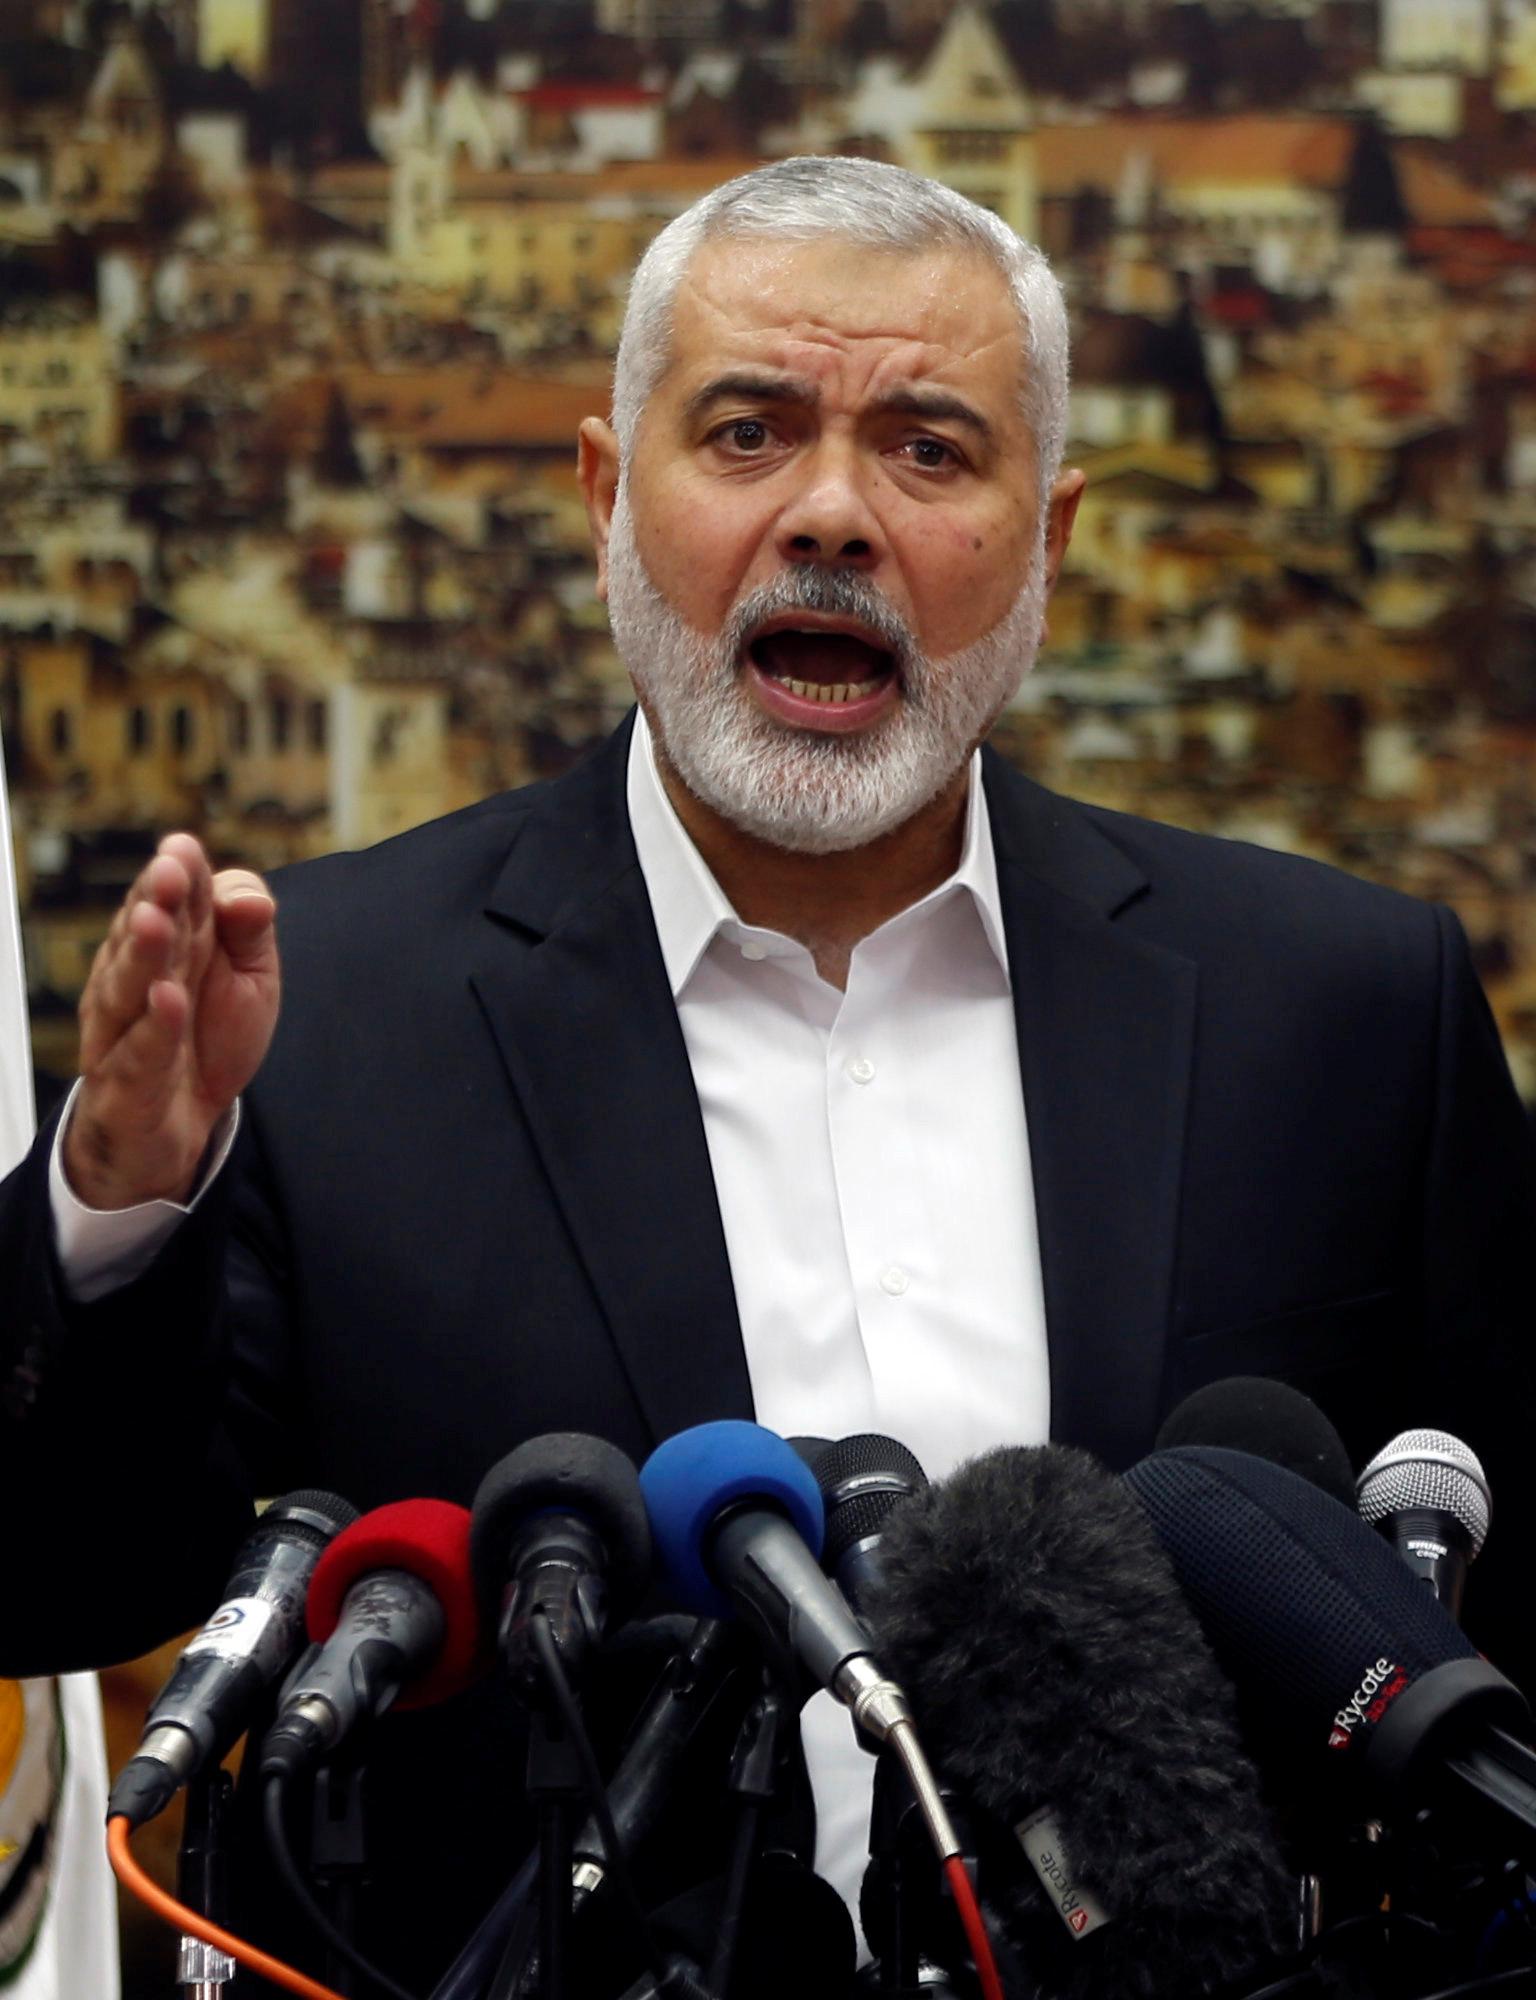 إسماعيل هنية رئيس المكتب السياسيى لحركة حماس